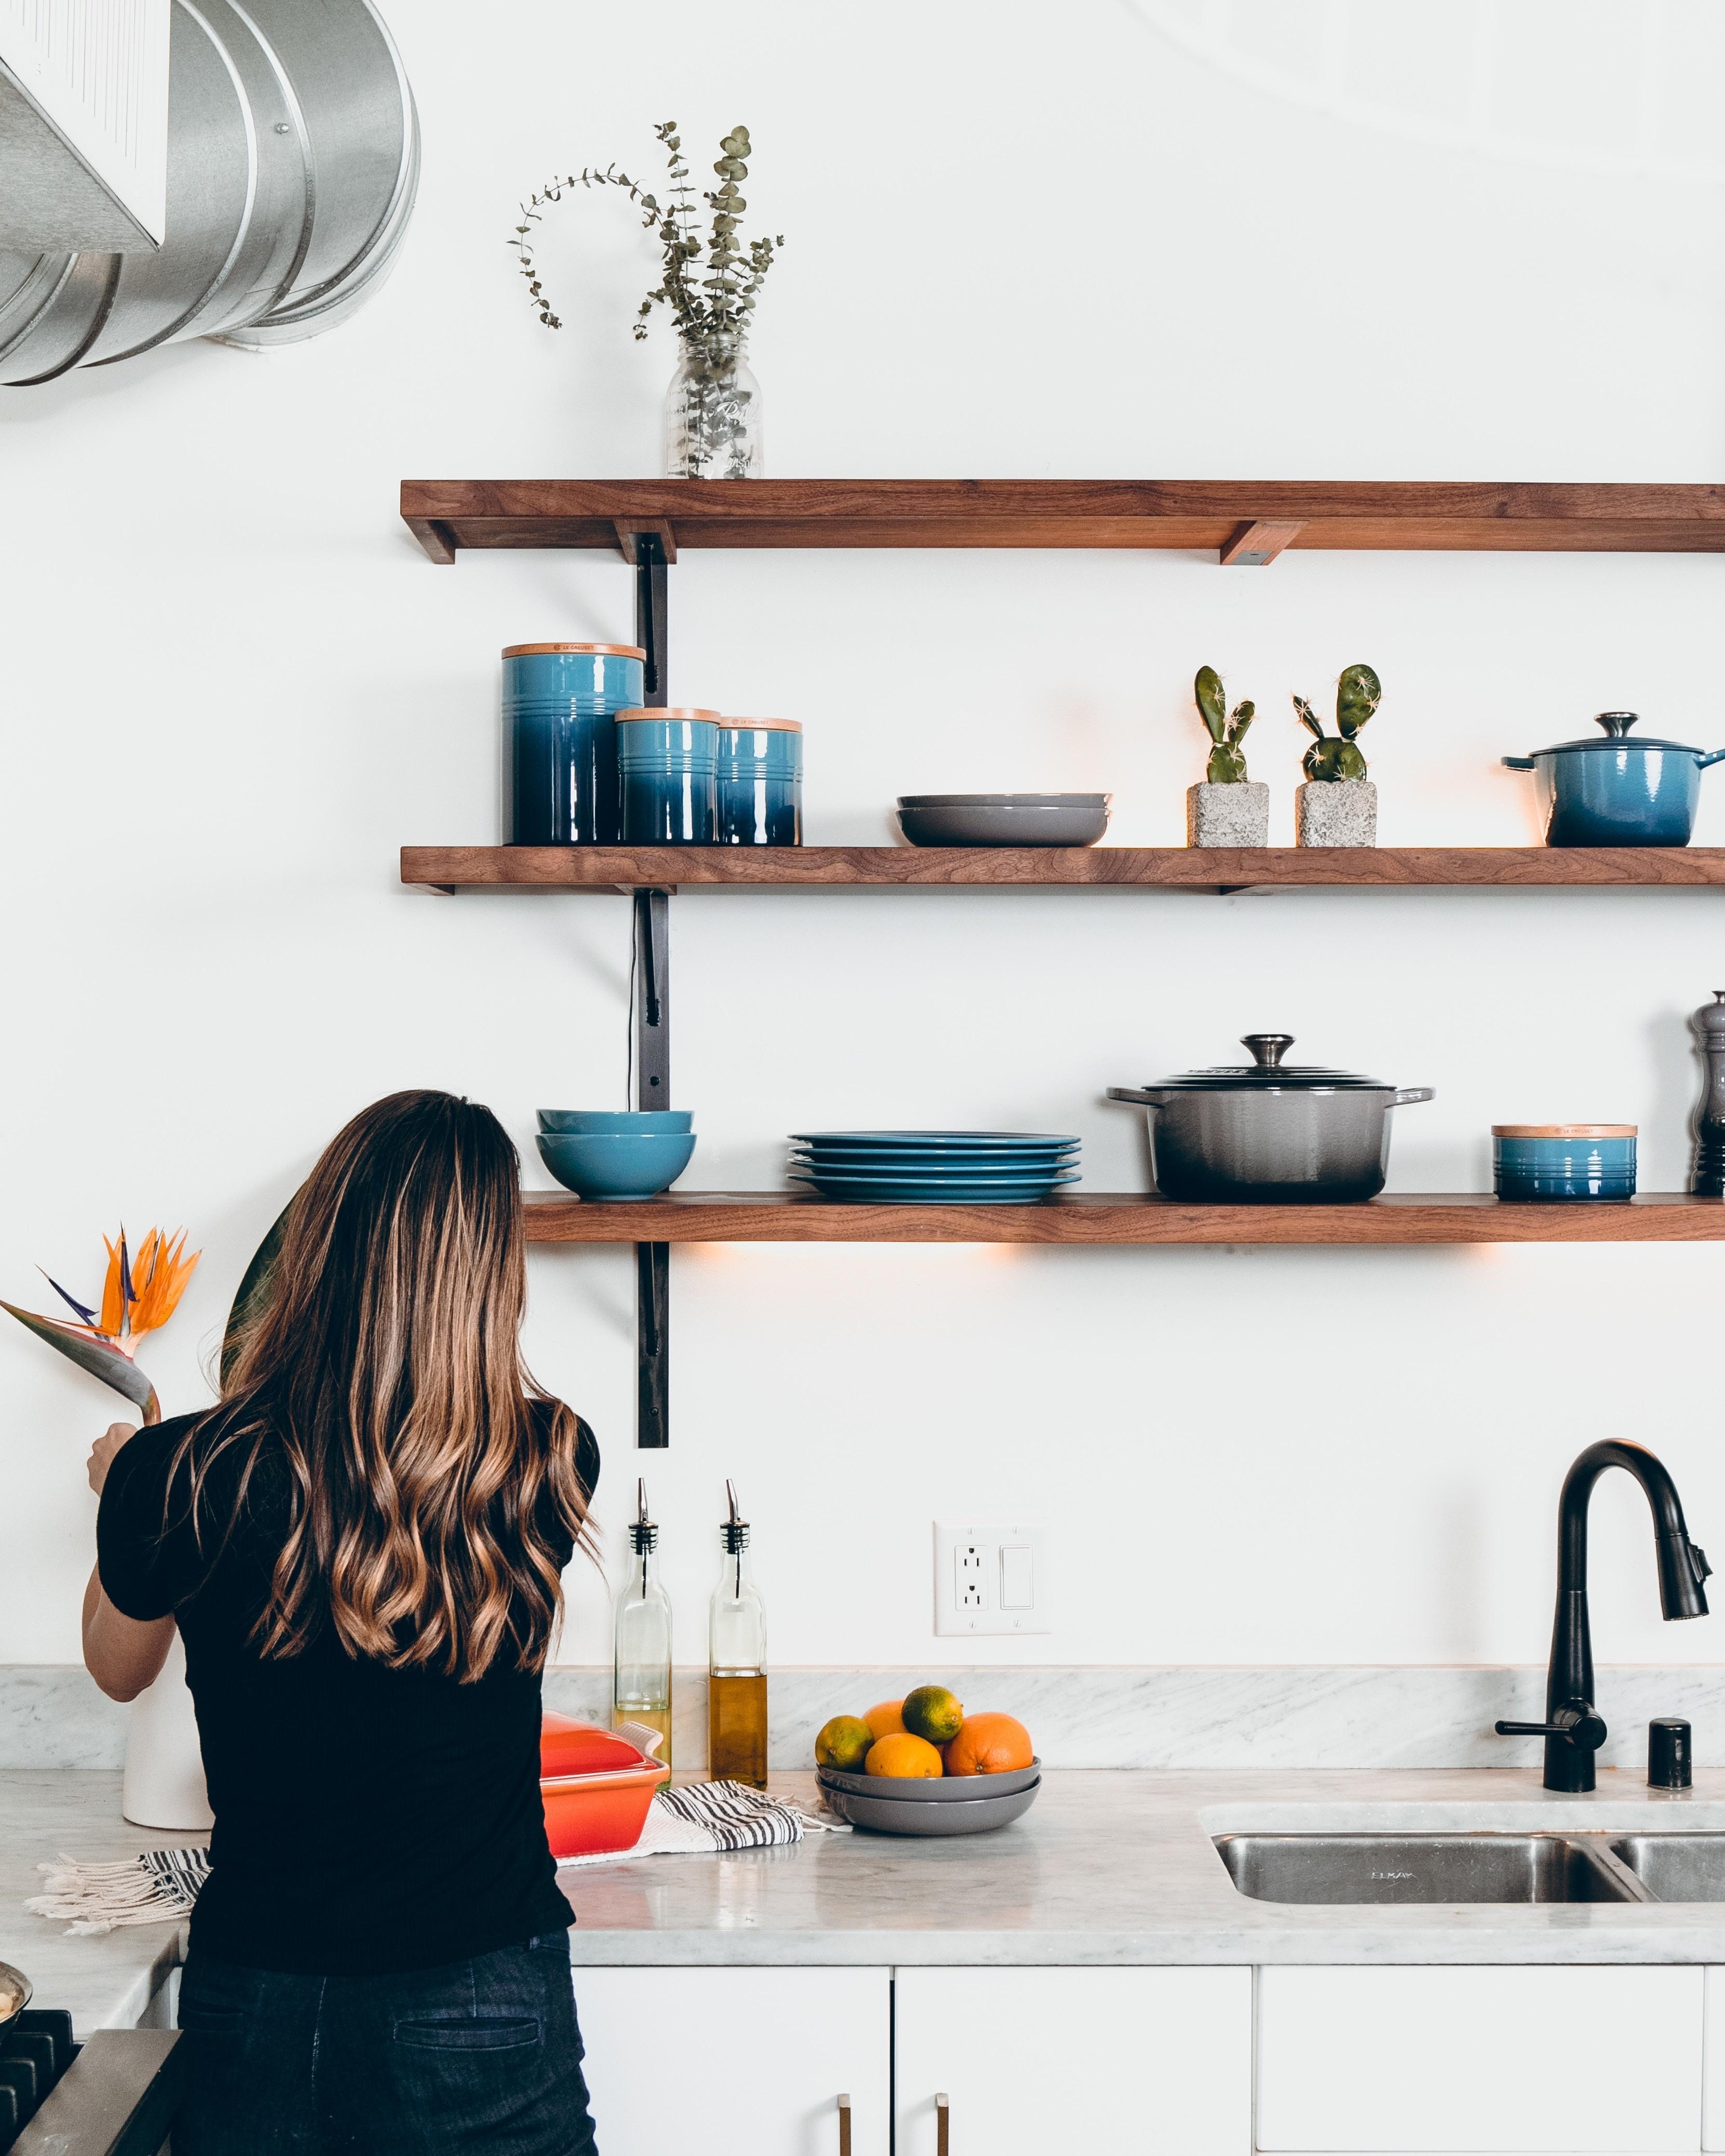 10 вещей, на которых можно сэкономить при ремонте